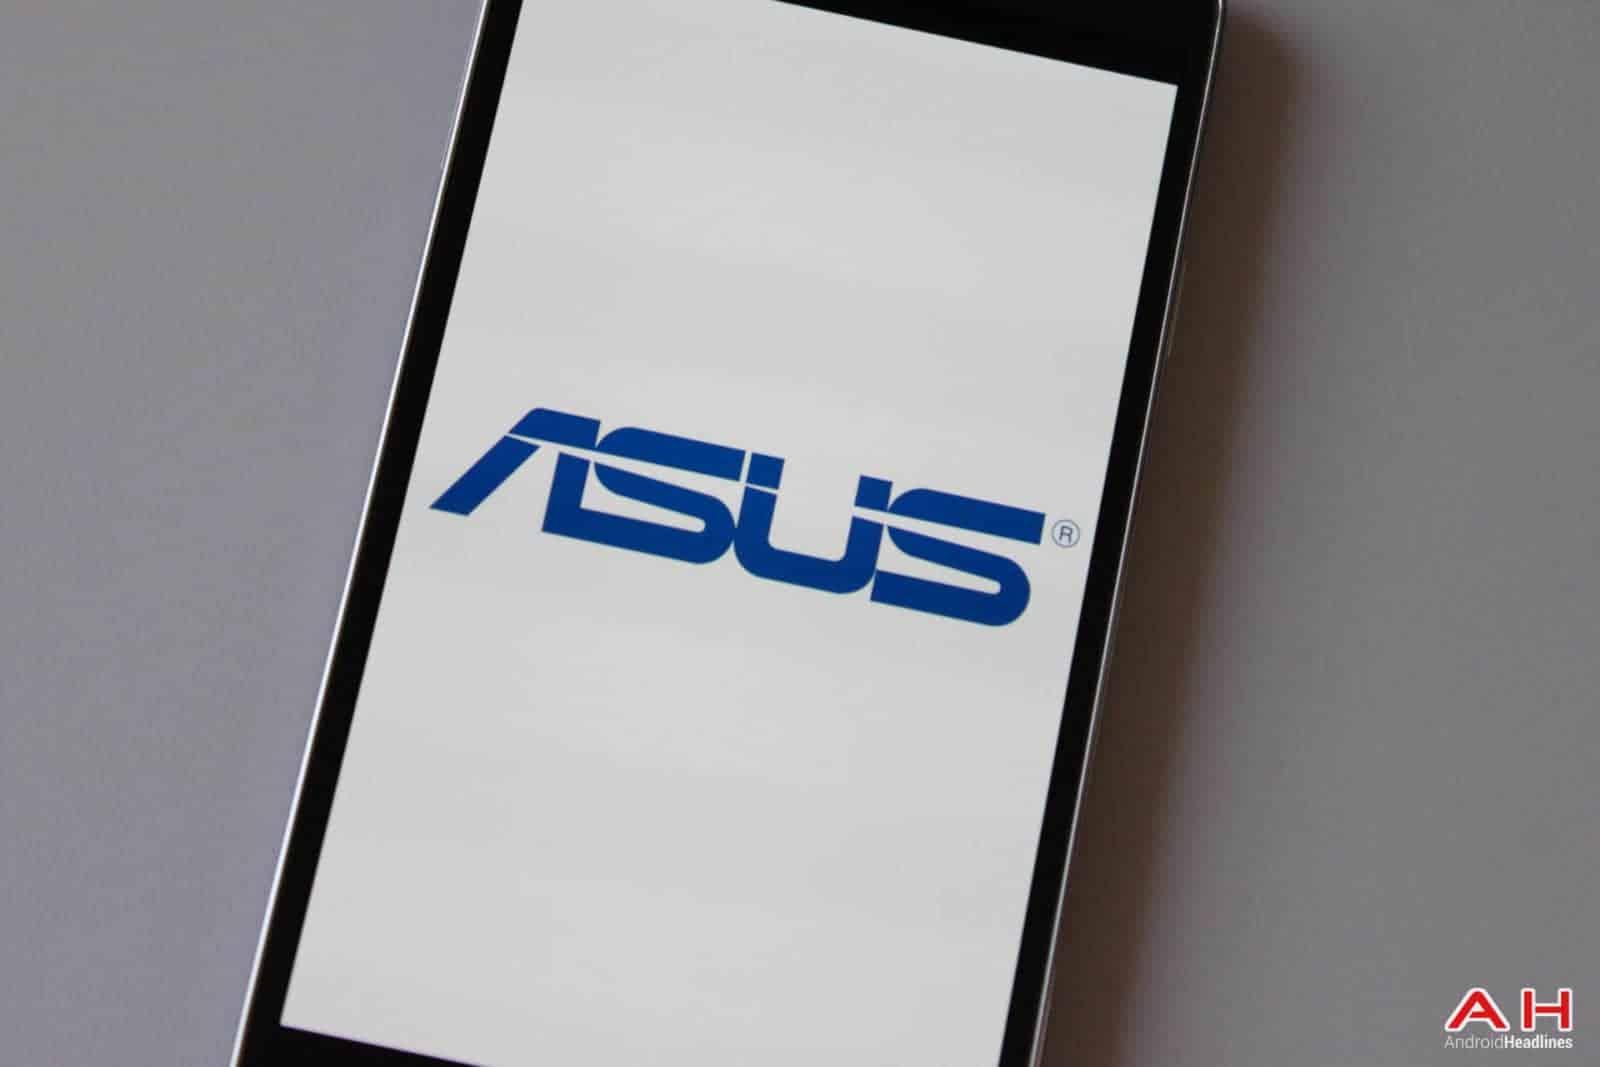 AH ASUS Logo 1.1